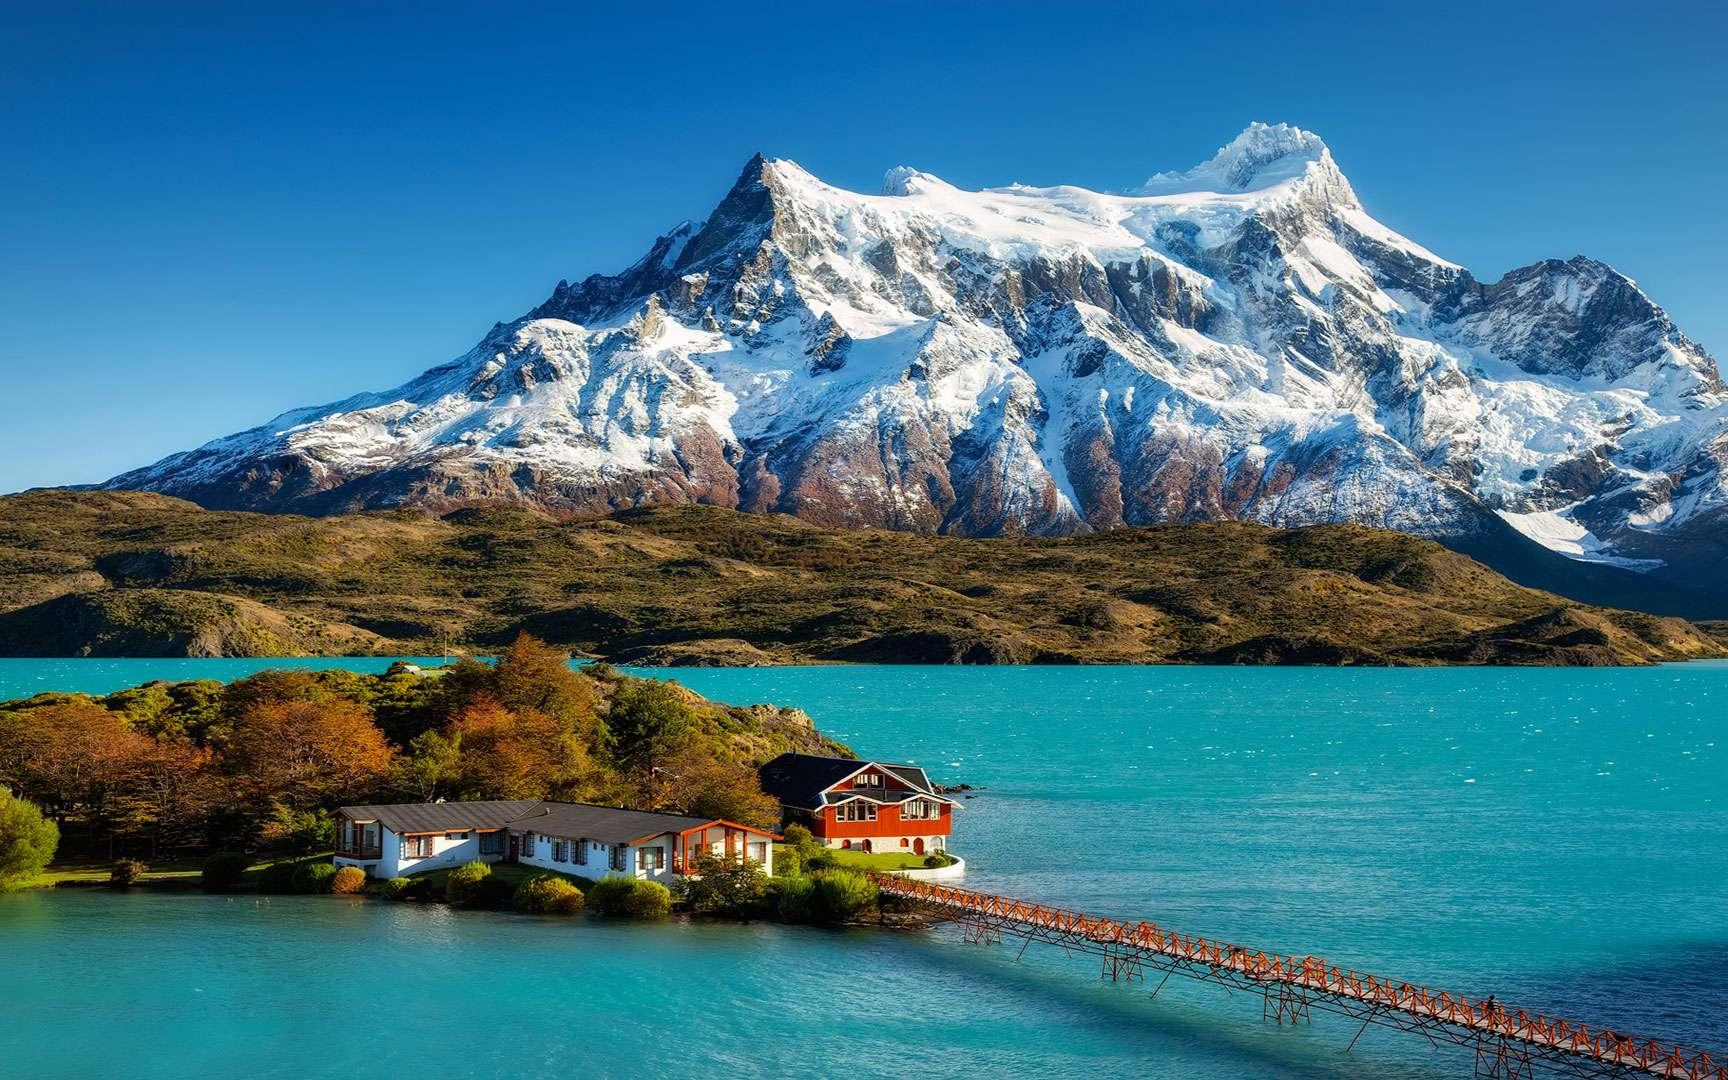 Un ciel bleu comme on n'en voit pas si souvent. Une montagne aux reflets blancs qui se dresse fièrement devant nous. Une dense végétation à son pied. Un lac aux eaux turquoise. Et sur une petite île, uniquement reliée à la terre par une passerelle piétonne, deux charmantes maisons dans lesquelles on aimerait passer quelques jours de vacances, loin du monde… La Patagonie, c'est ça et bien d'autres paysages incroyables de naturel et de quiétude. © Marcio Cabral